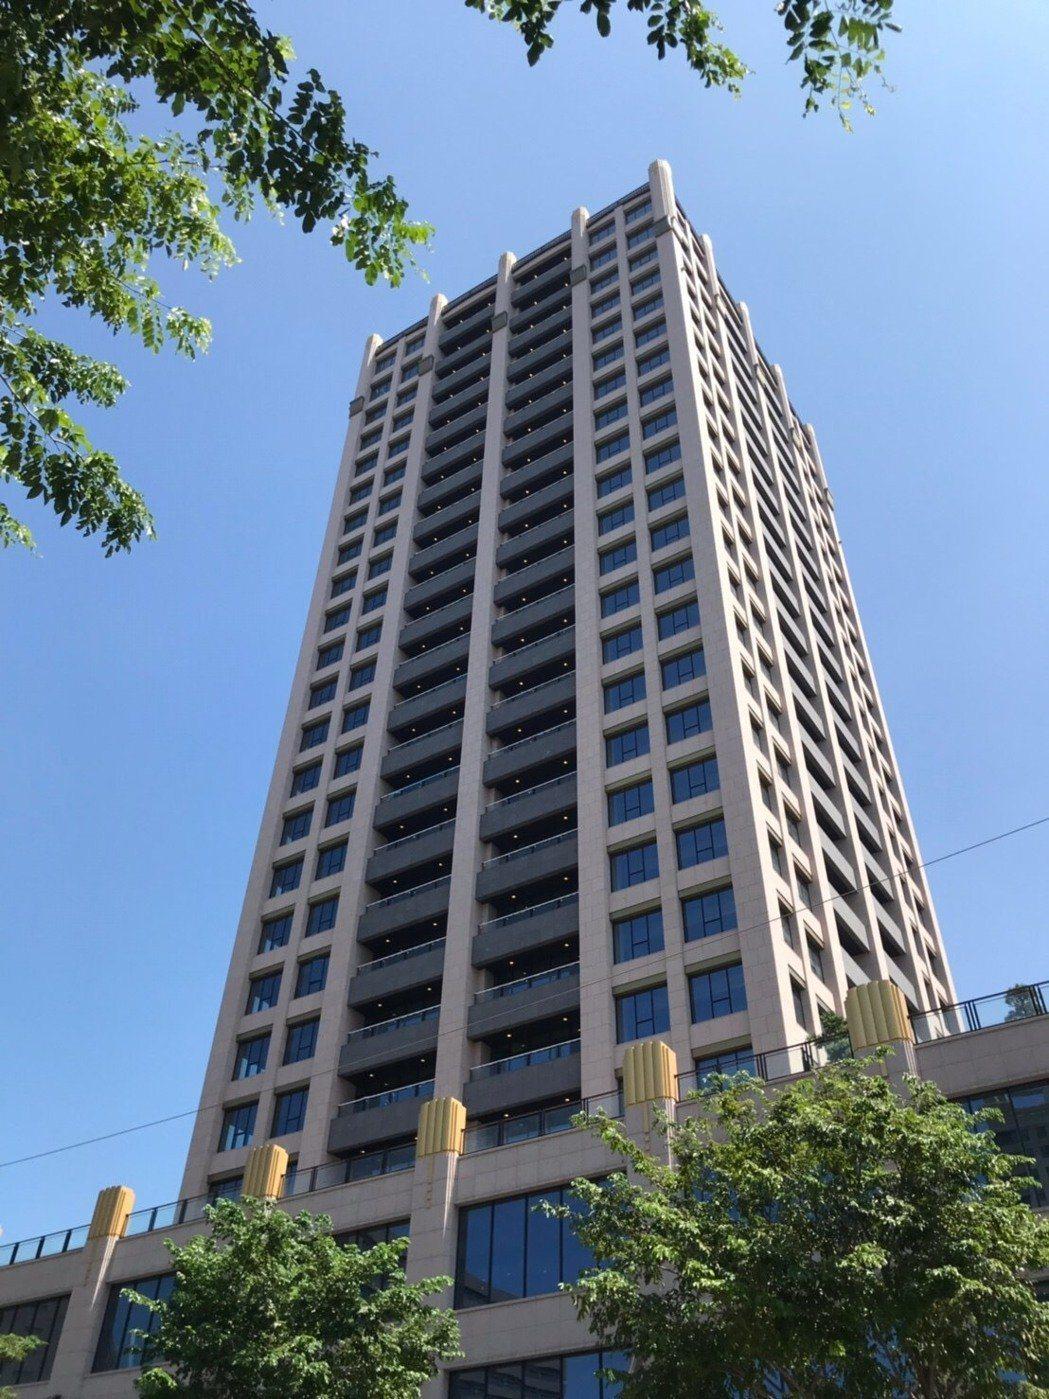 中悦總部將從南崁搬遷到雙軸心西側起點且銷售中的「中悦IFC」,同樣這棟建築也吸引...